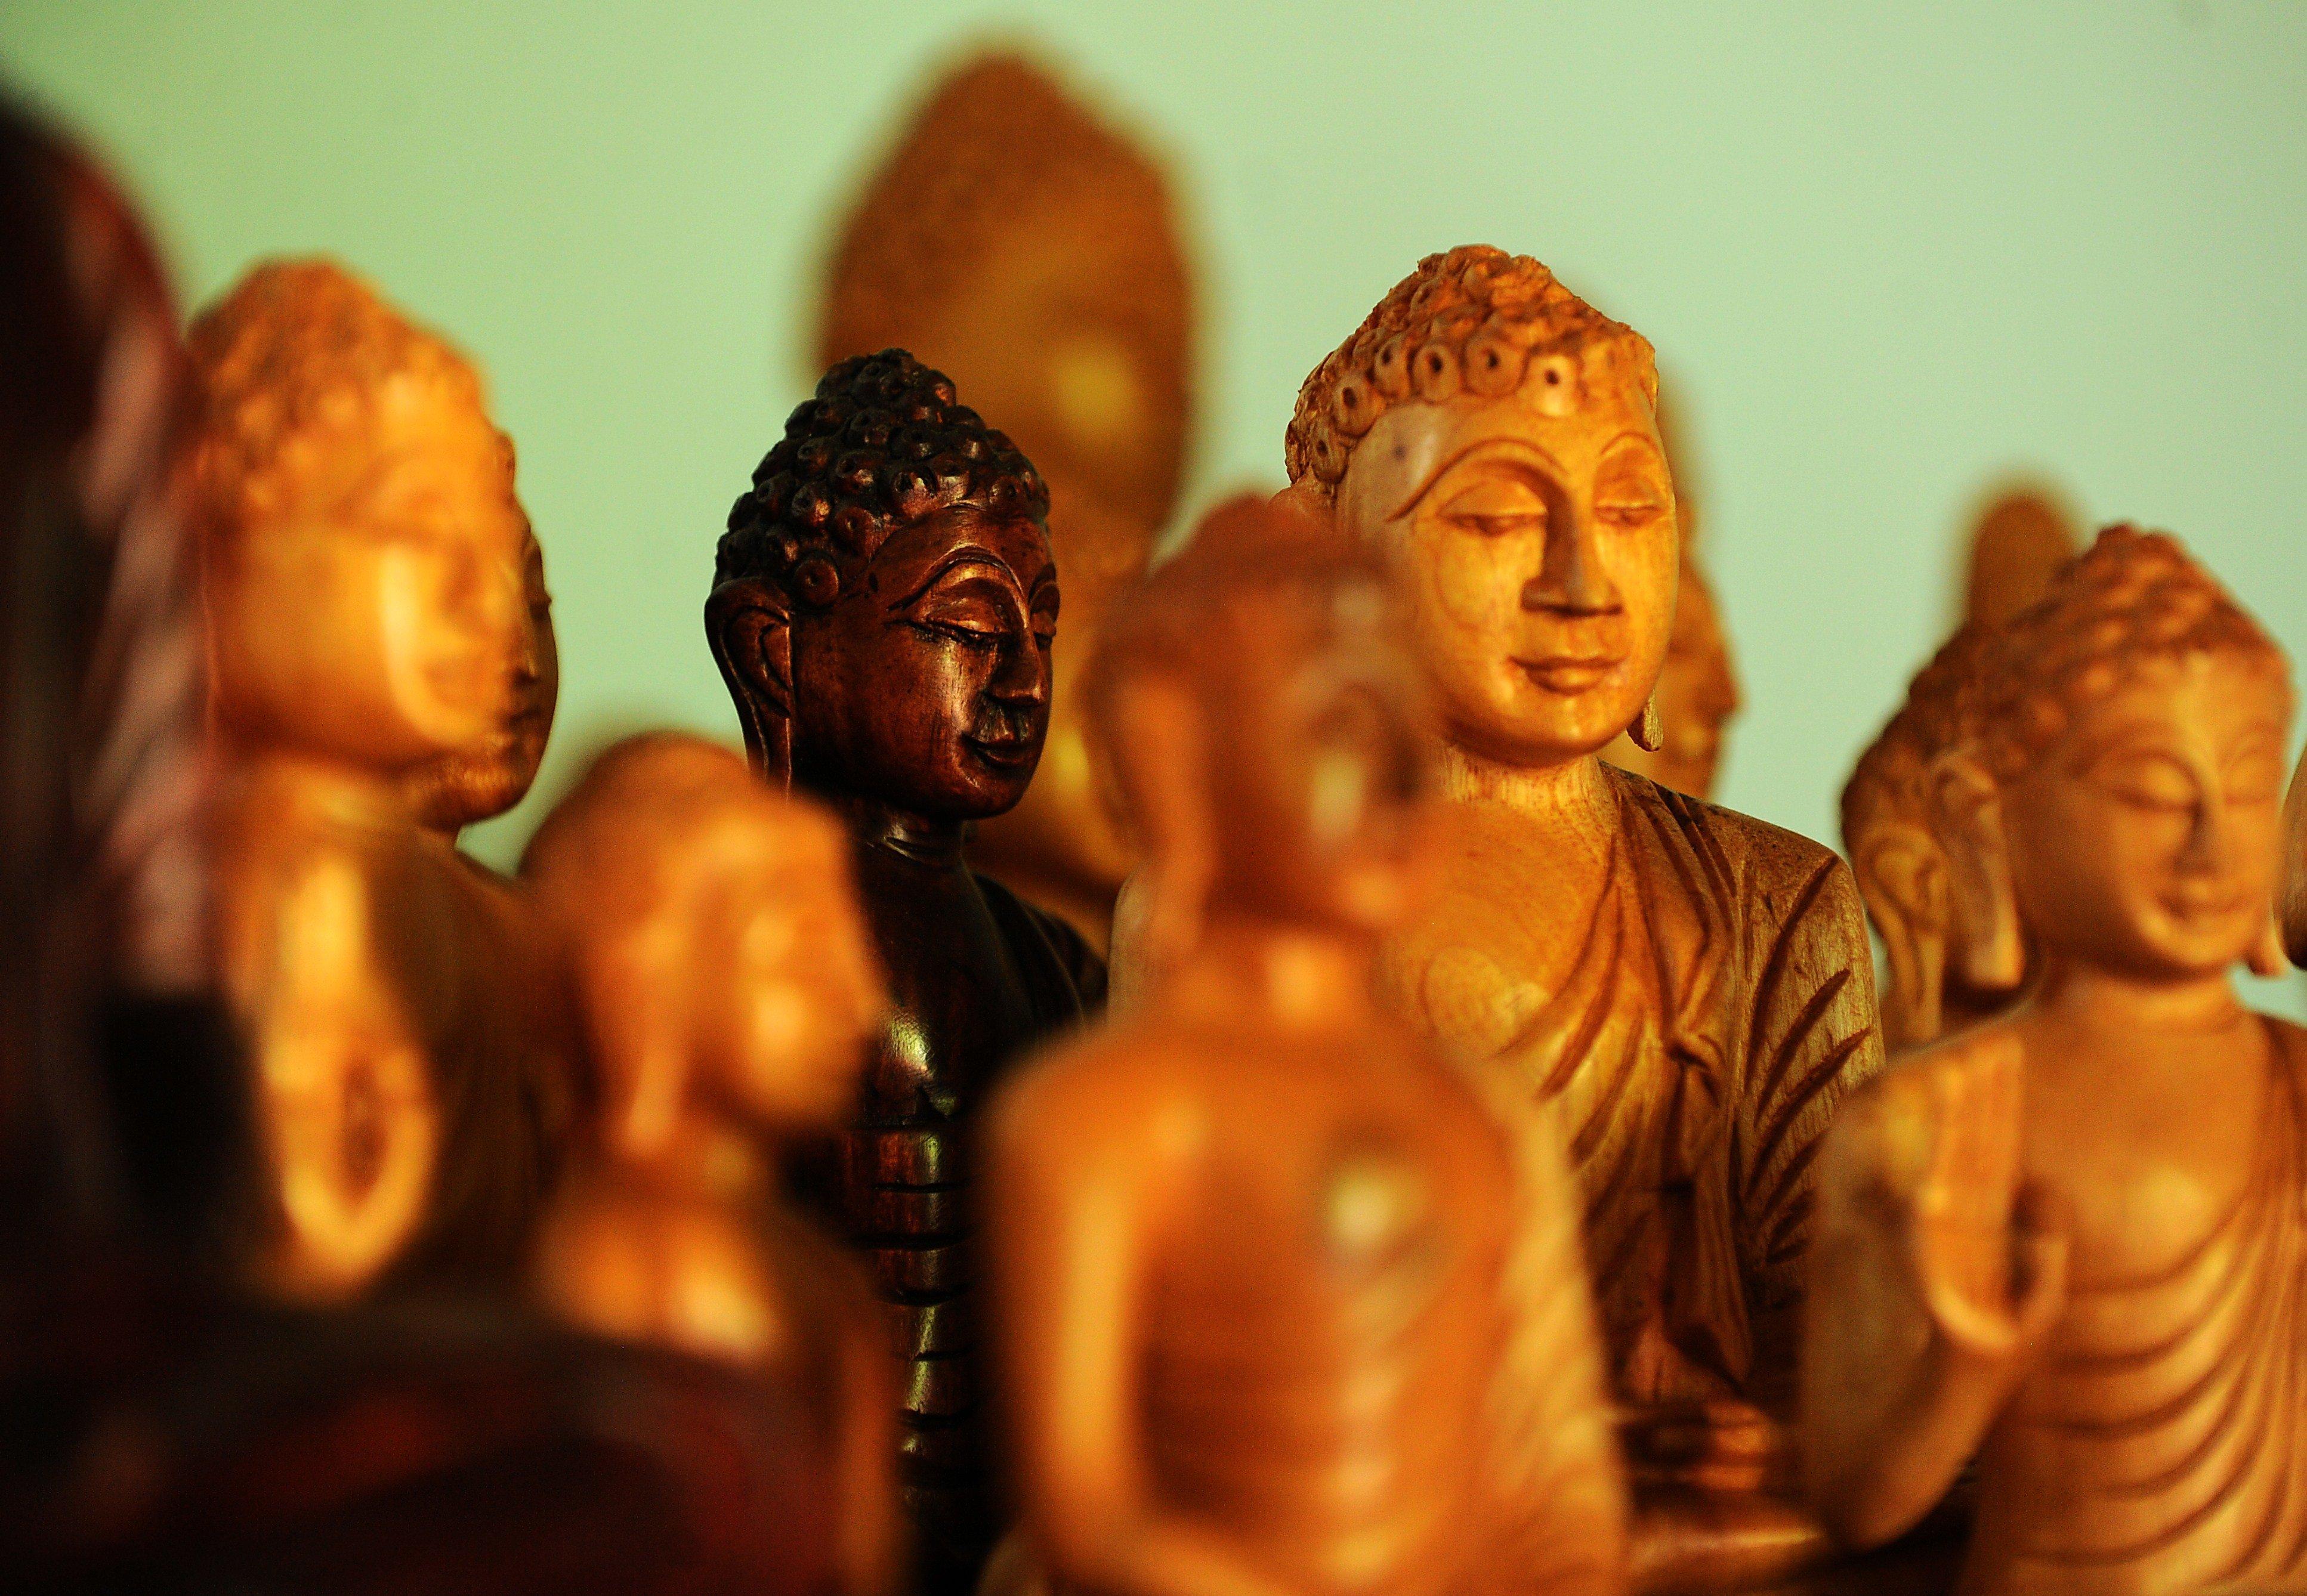 Τι κρύβεται πίσω από τις αιματηρές συγκρούσεις των θρησκευτικών κοινοτήτων στη Σρι